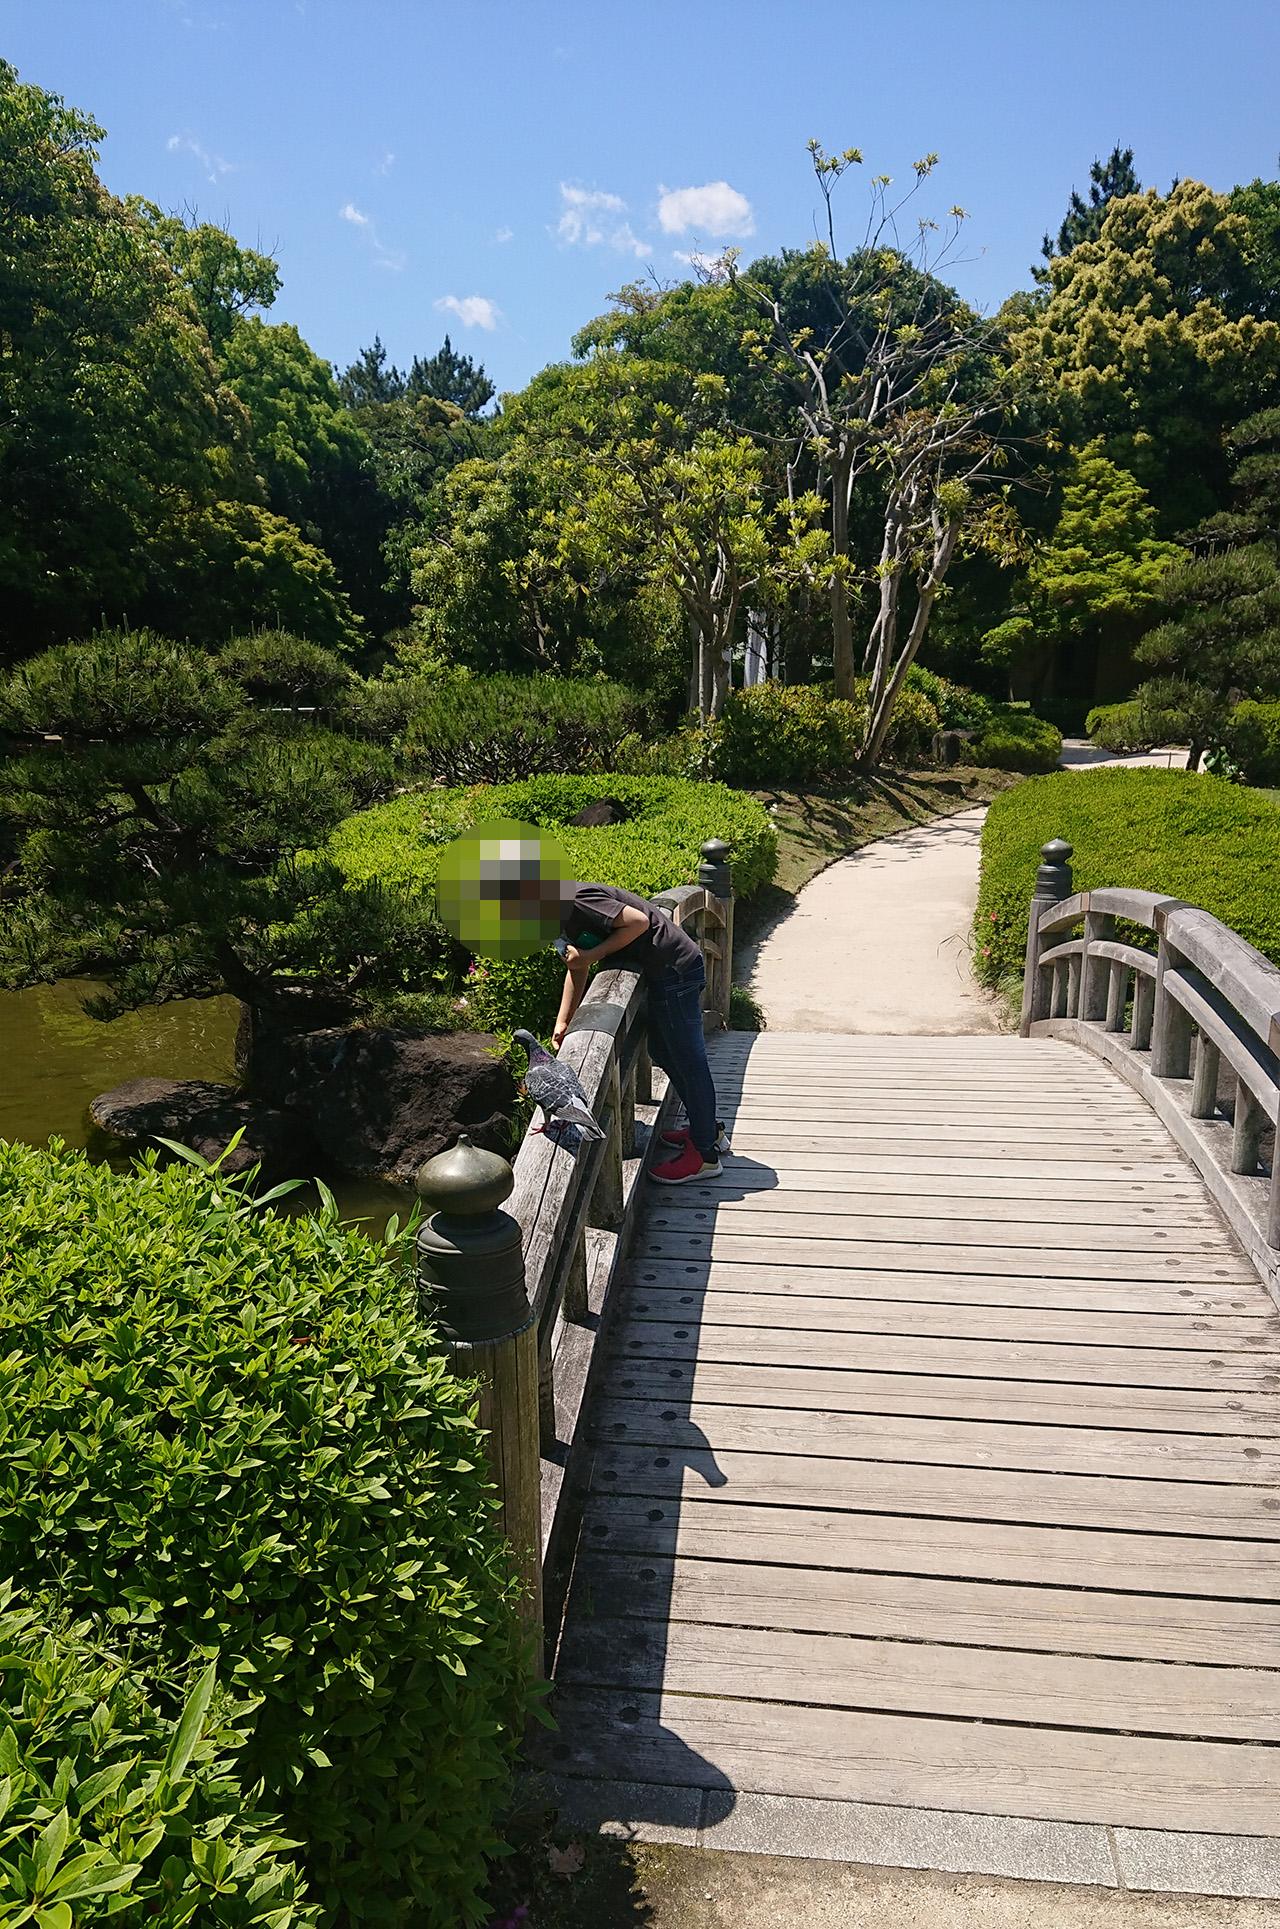 橋の上から鯉にエサをあげる写真